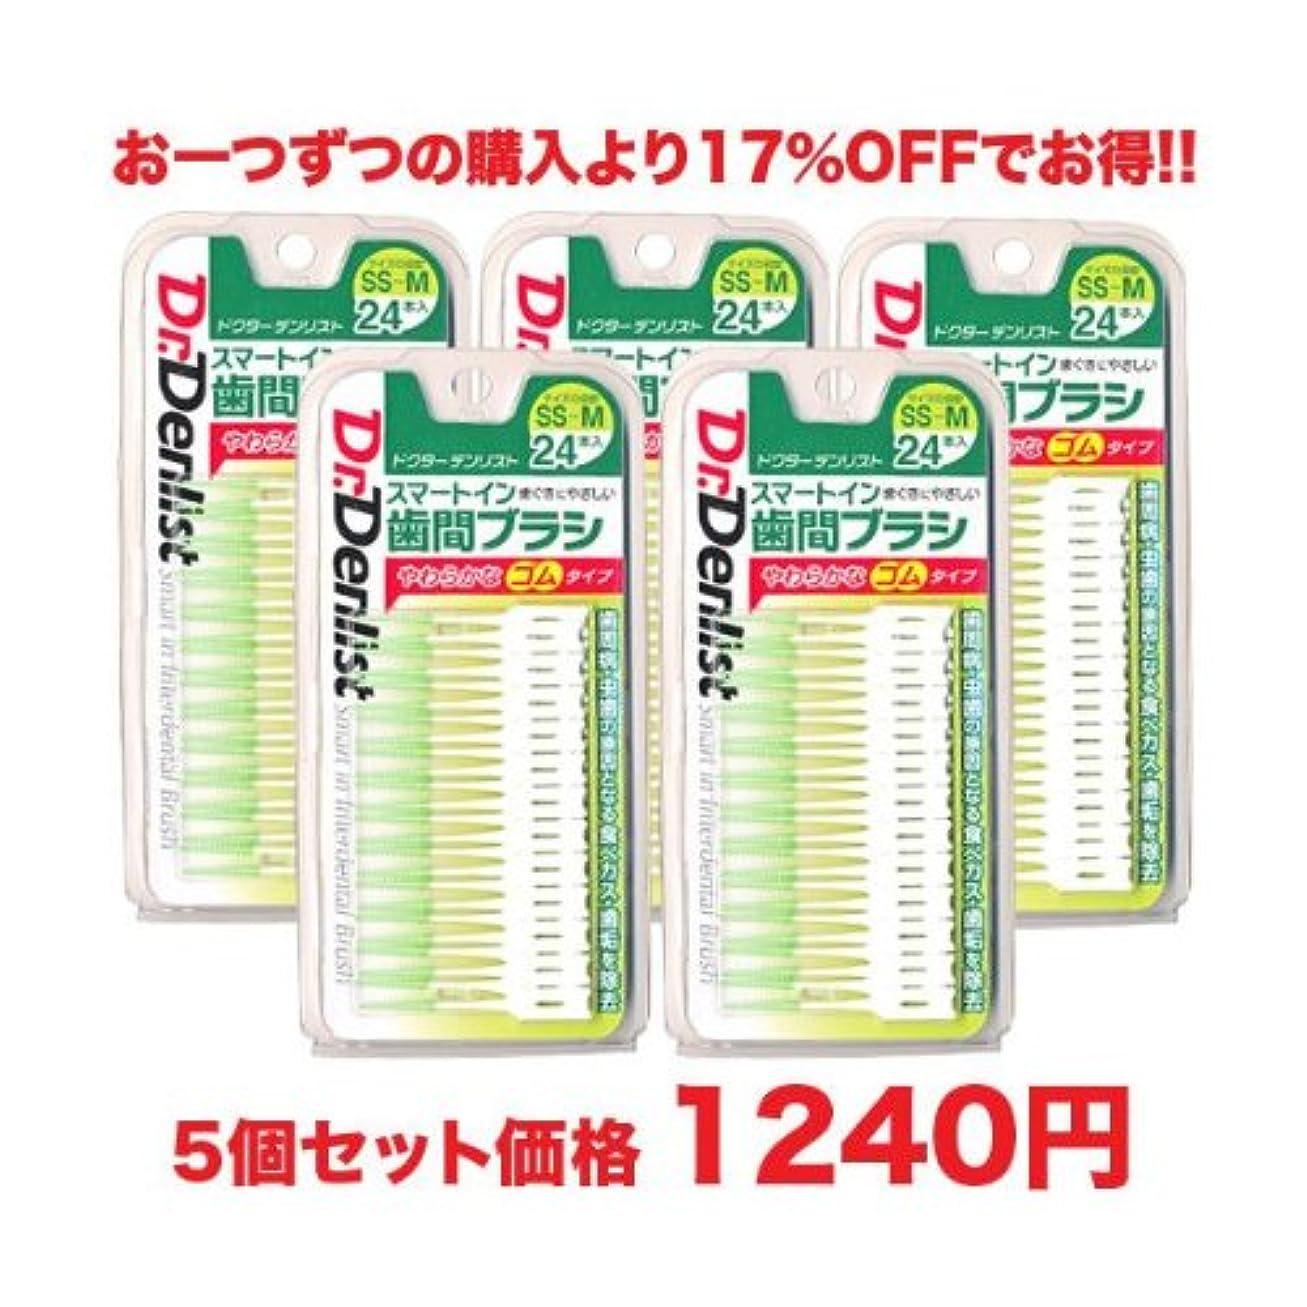 オゾン冷えるトラフィック歯間ブラシ スマートイン やわらか歯間ブラシ サイズSS~M 24本入 5個セット やわらかなゴムタイプ